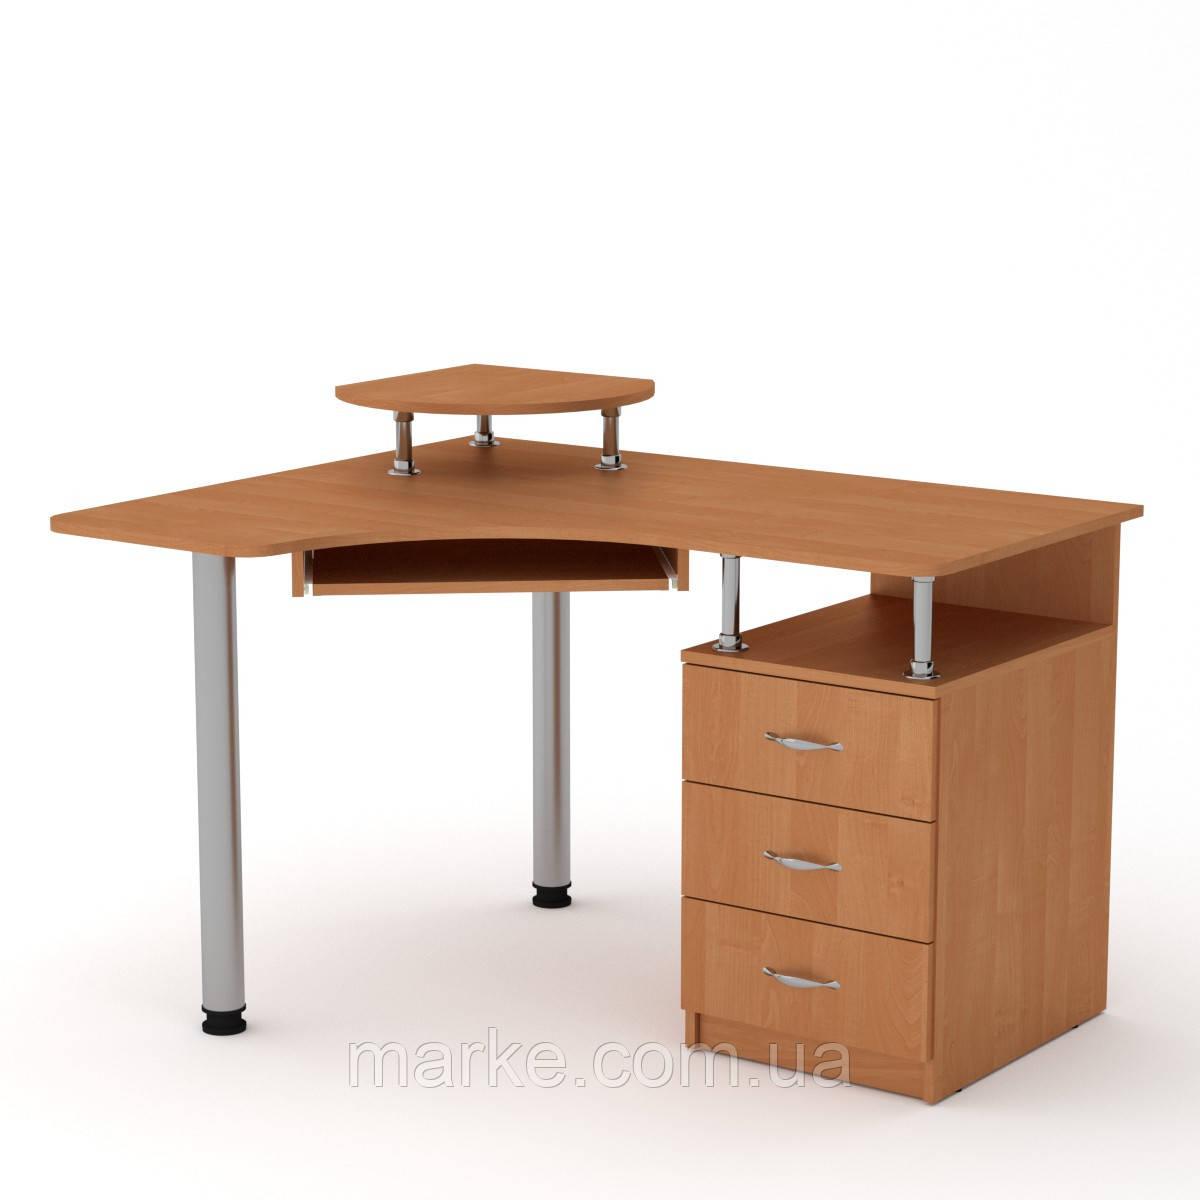 Компьютерный стол угловой СУ-2